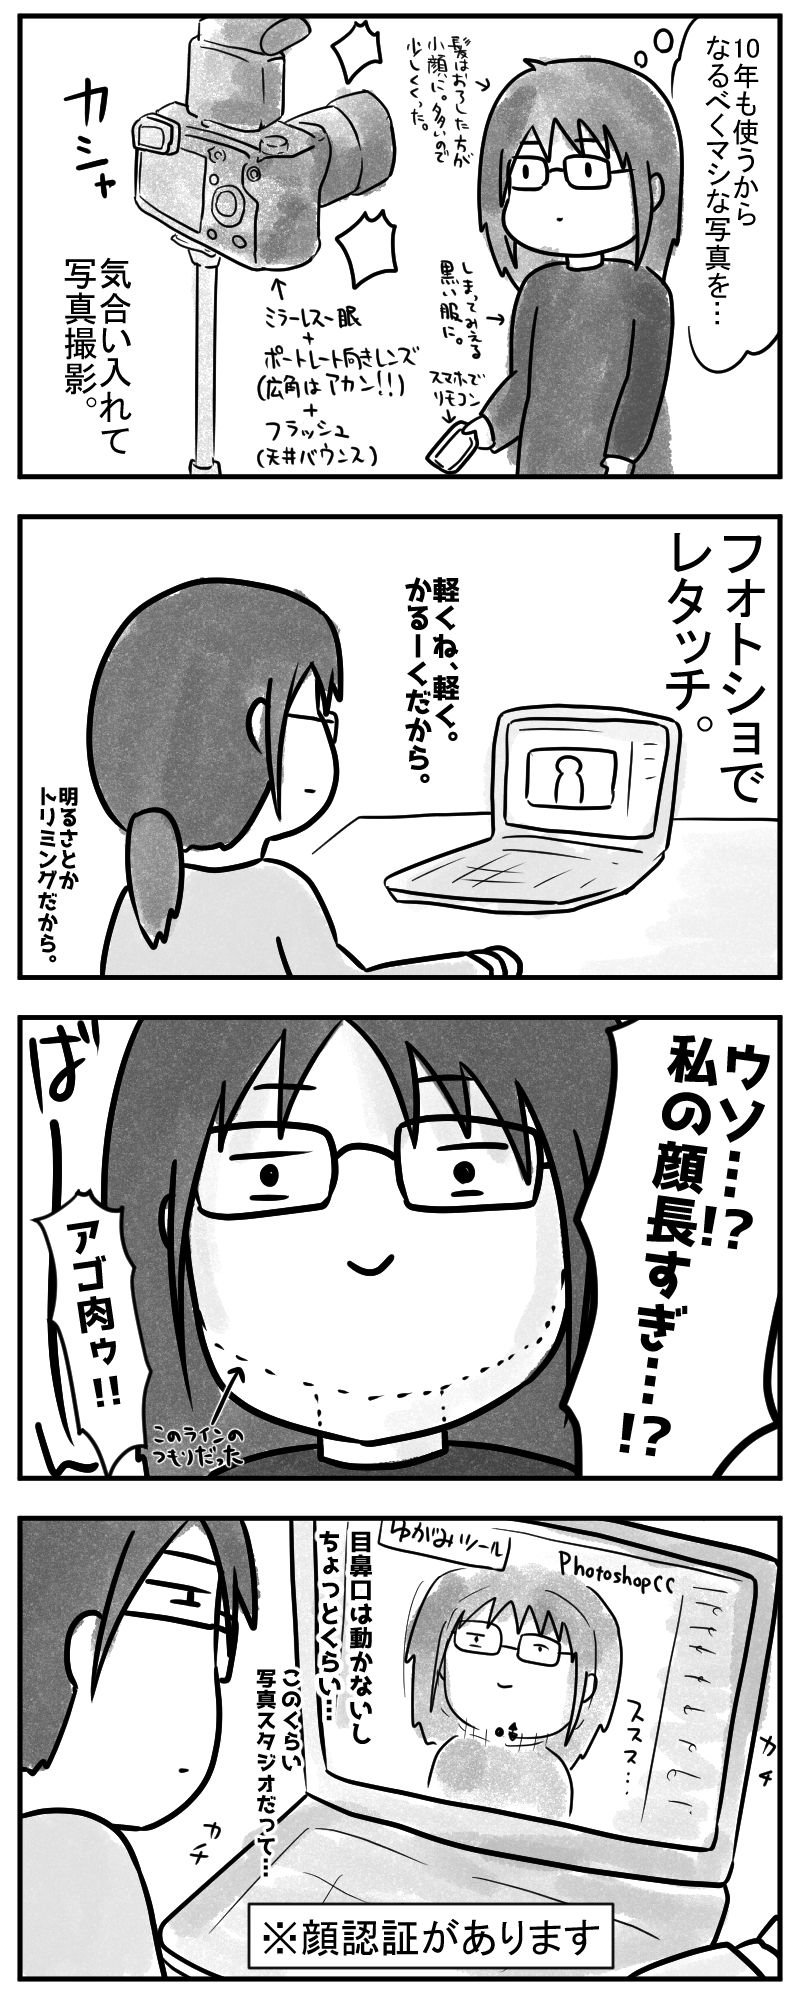 """""""マイナンバー用に写真を撮影"""""""